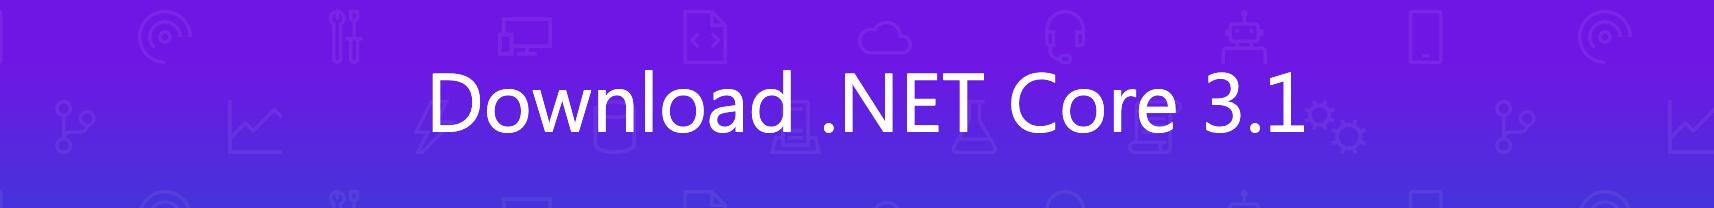 [Перевод] Представляем .NET Core 3.1 Preview 2